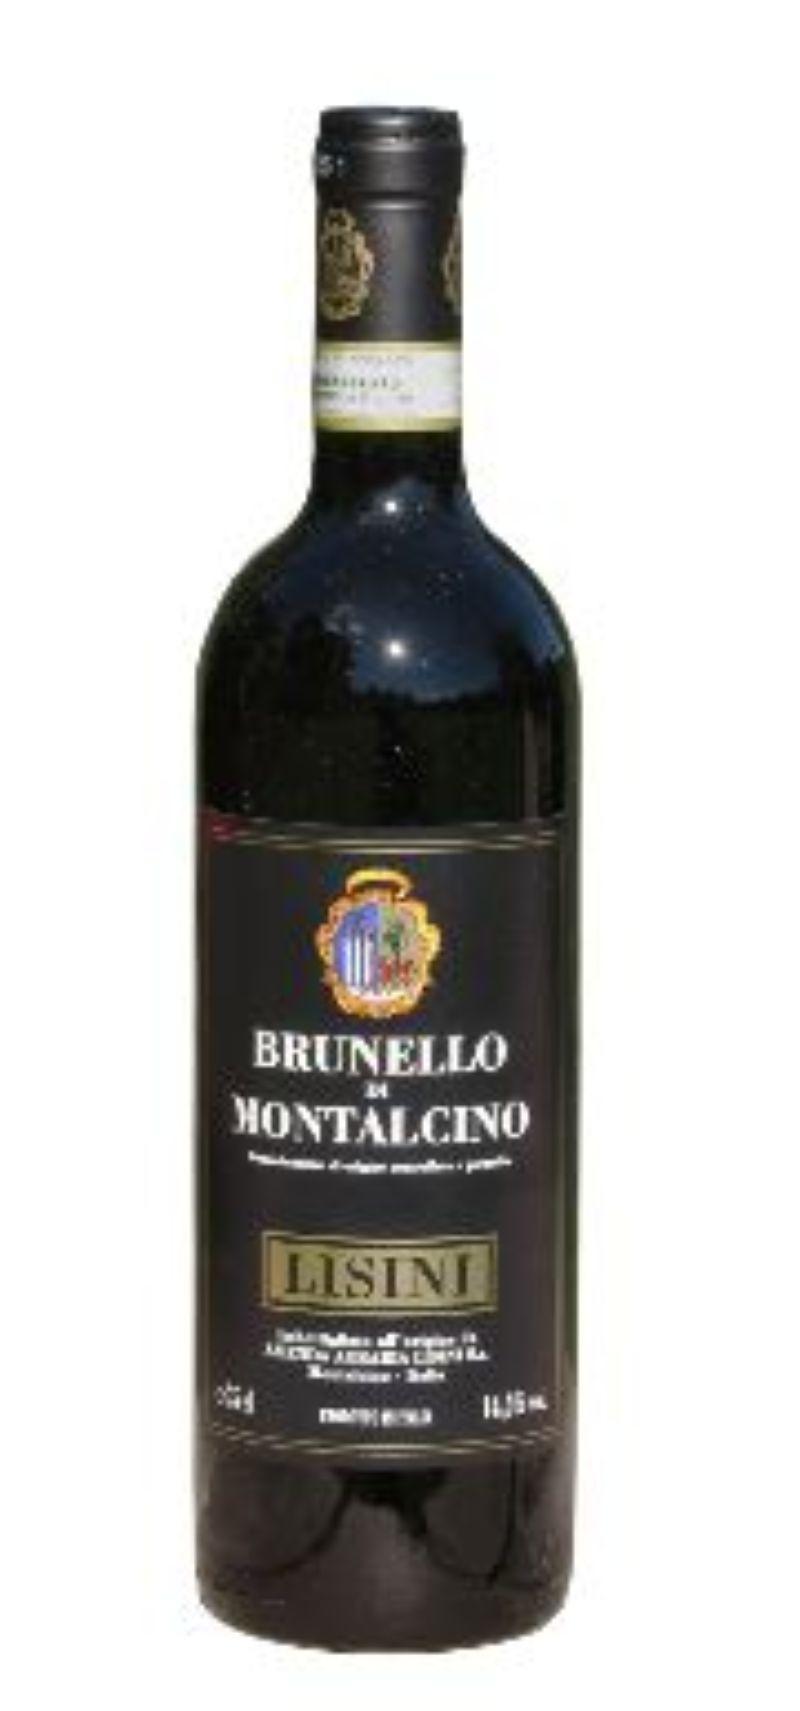 BRUNELLO-DI-MONTALCINO-LISINI-1995